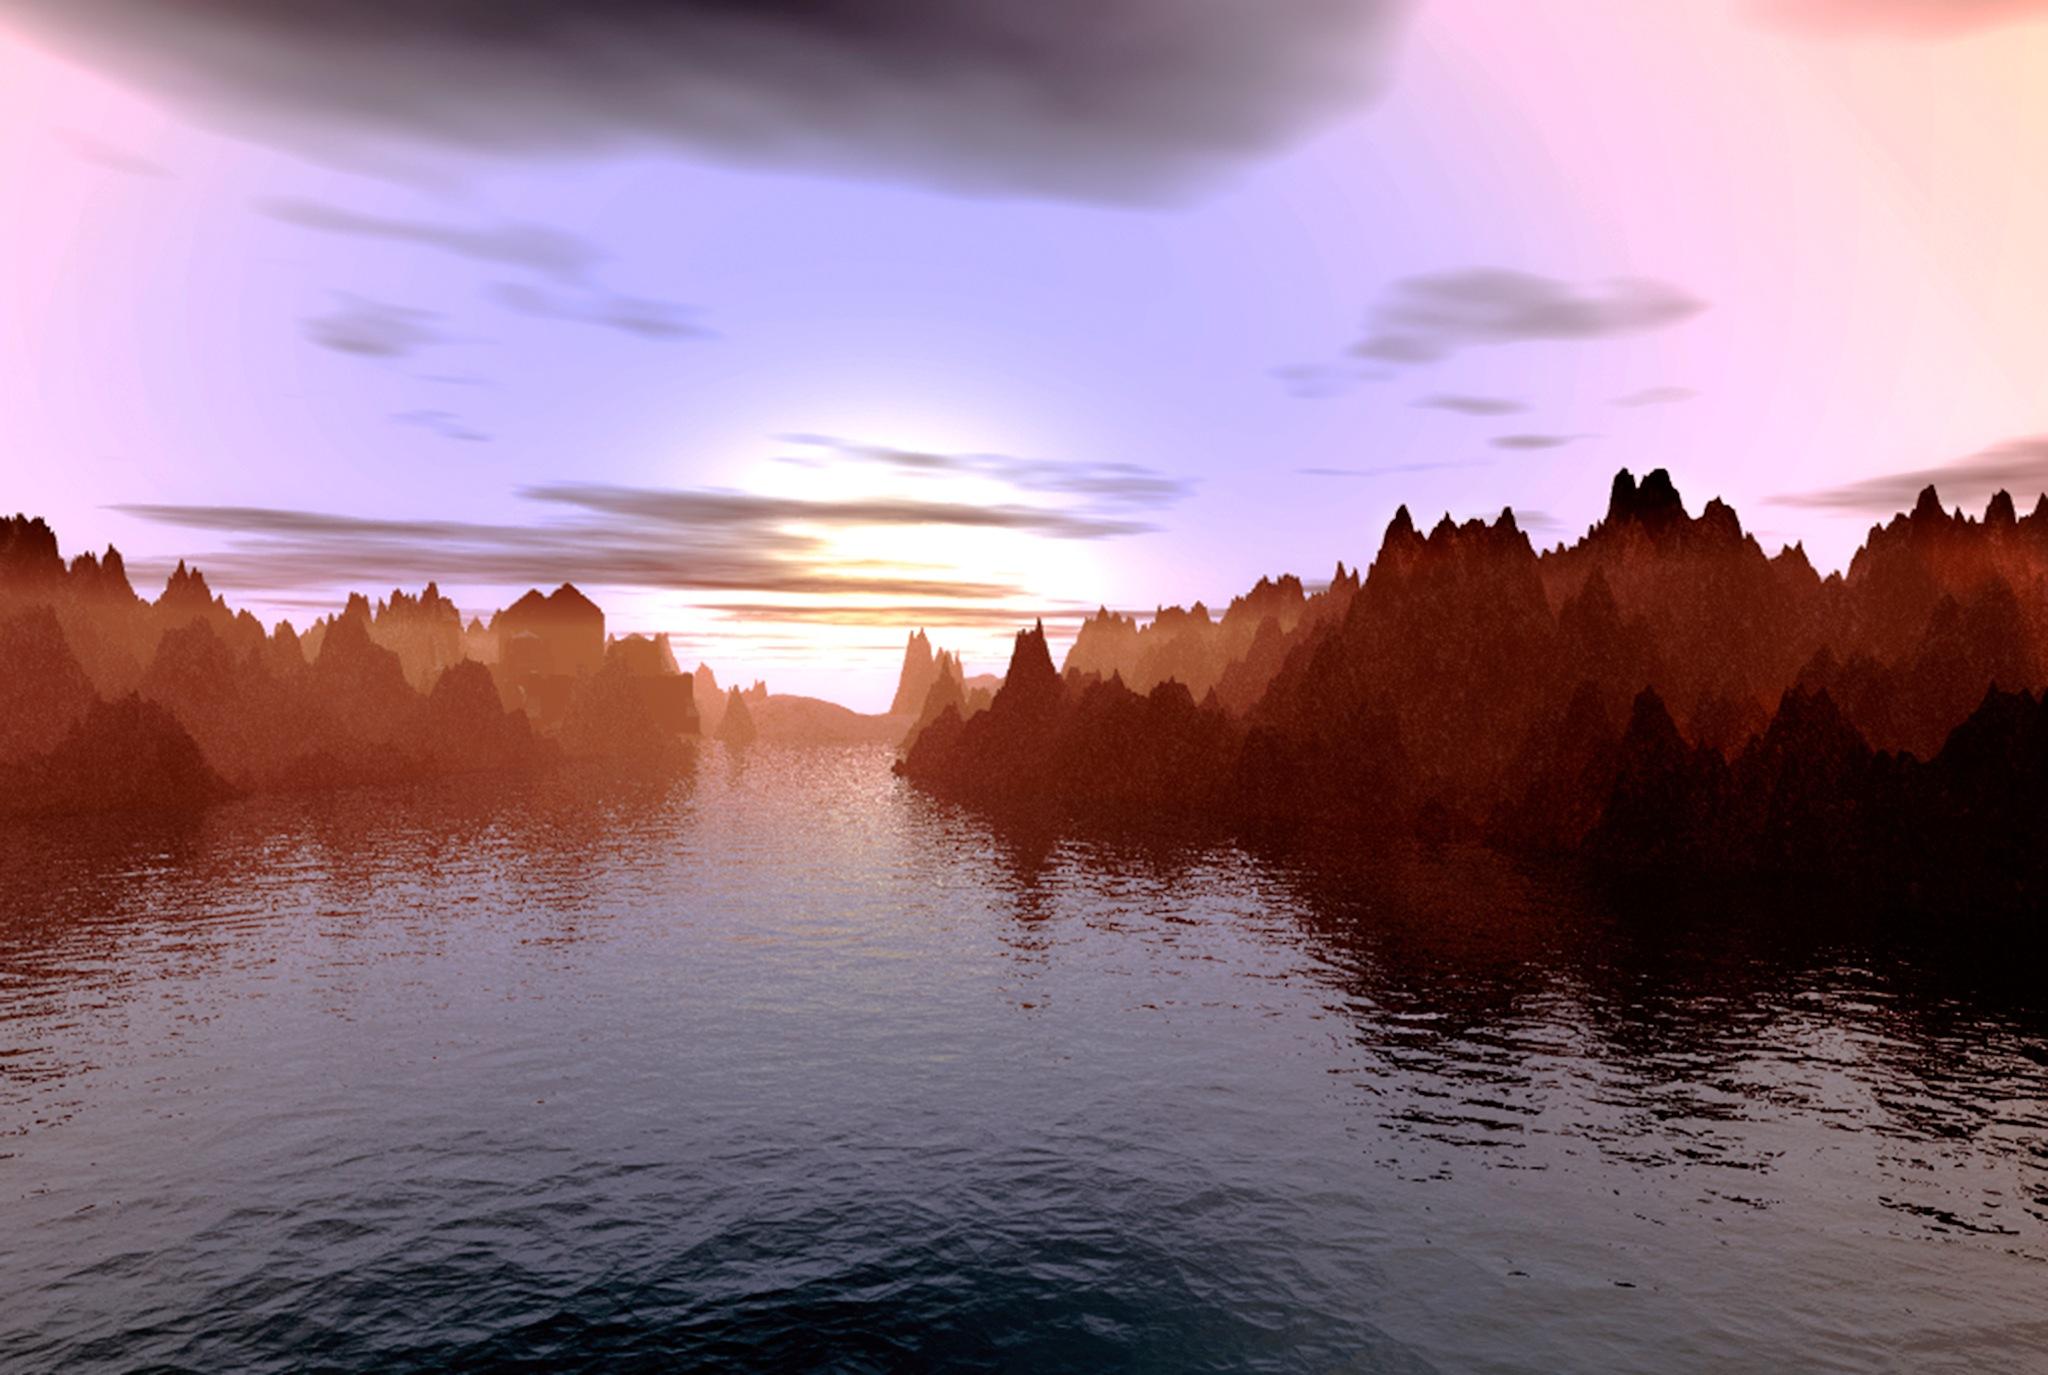 lago de los deseos by monicasz